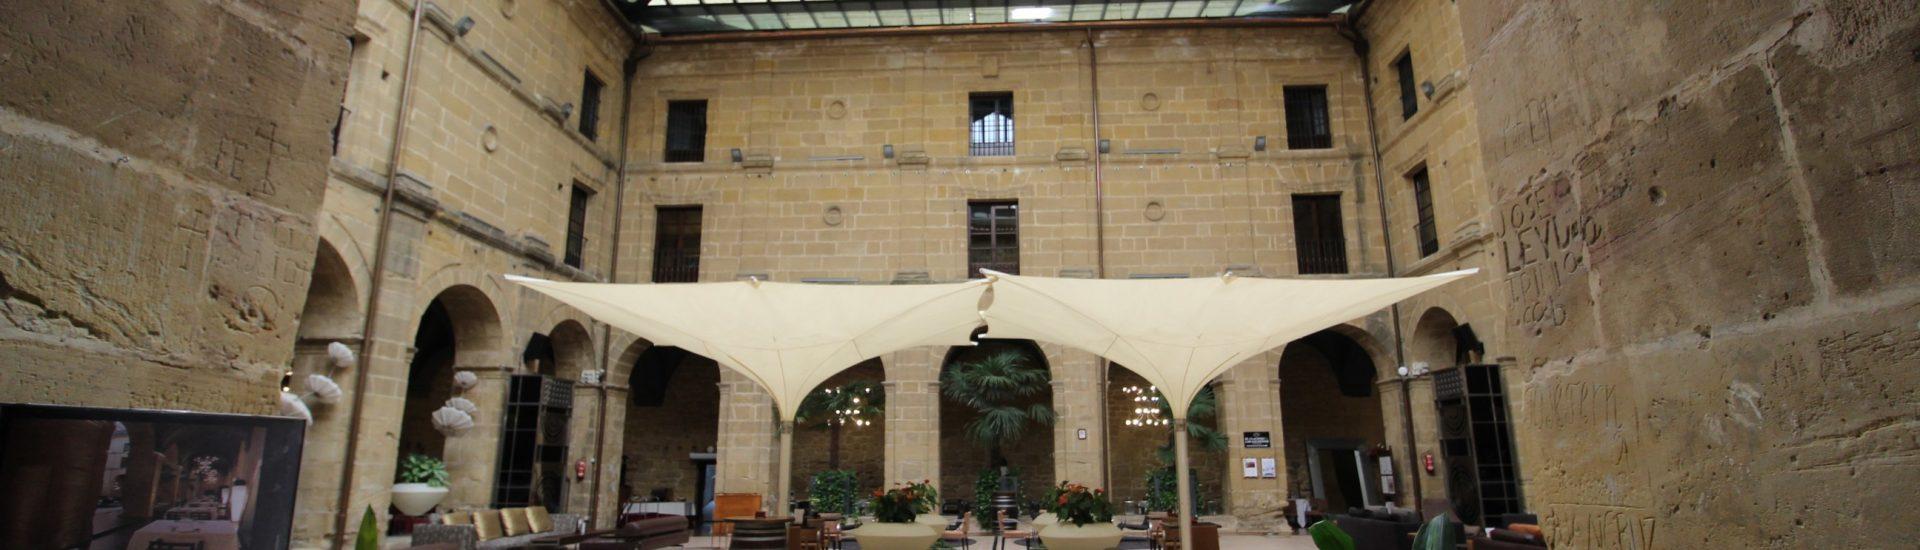 Sitios históricos La Rioja